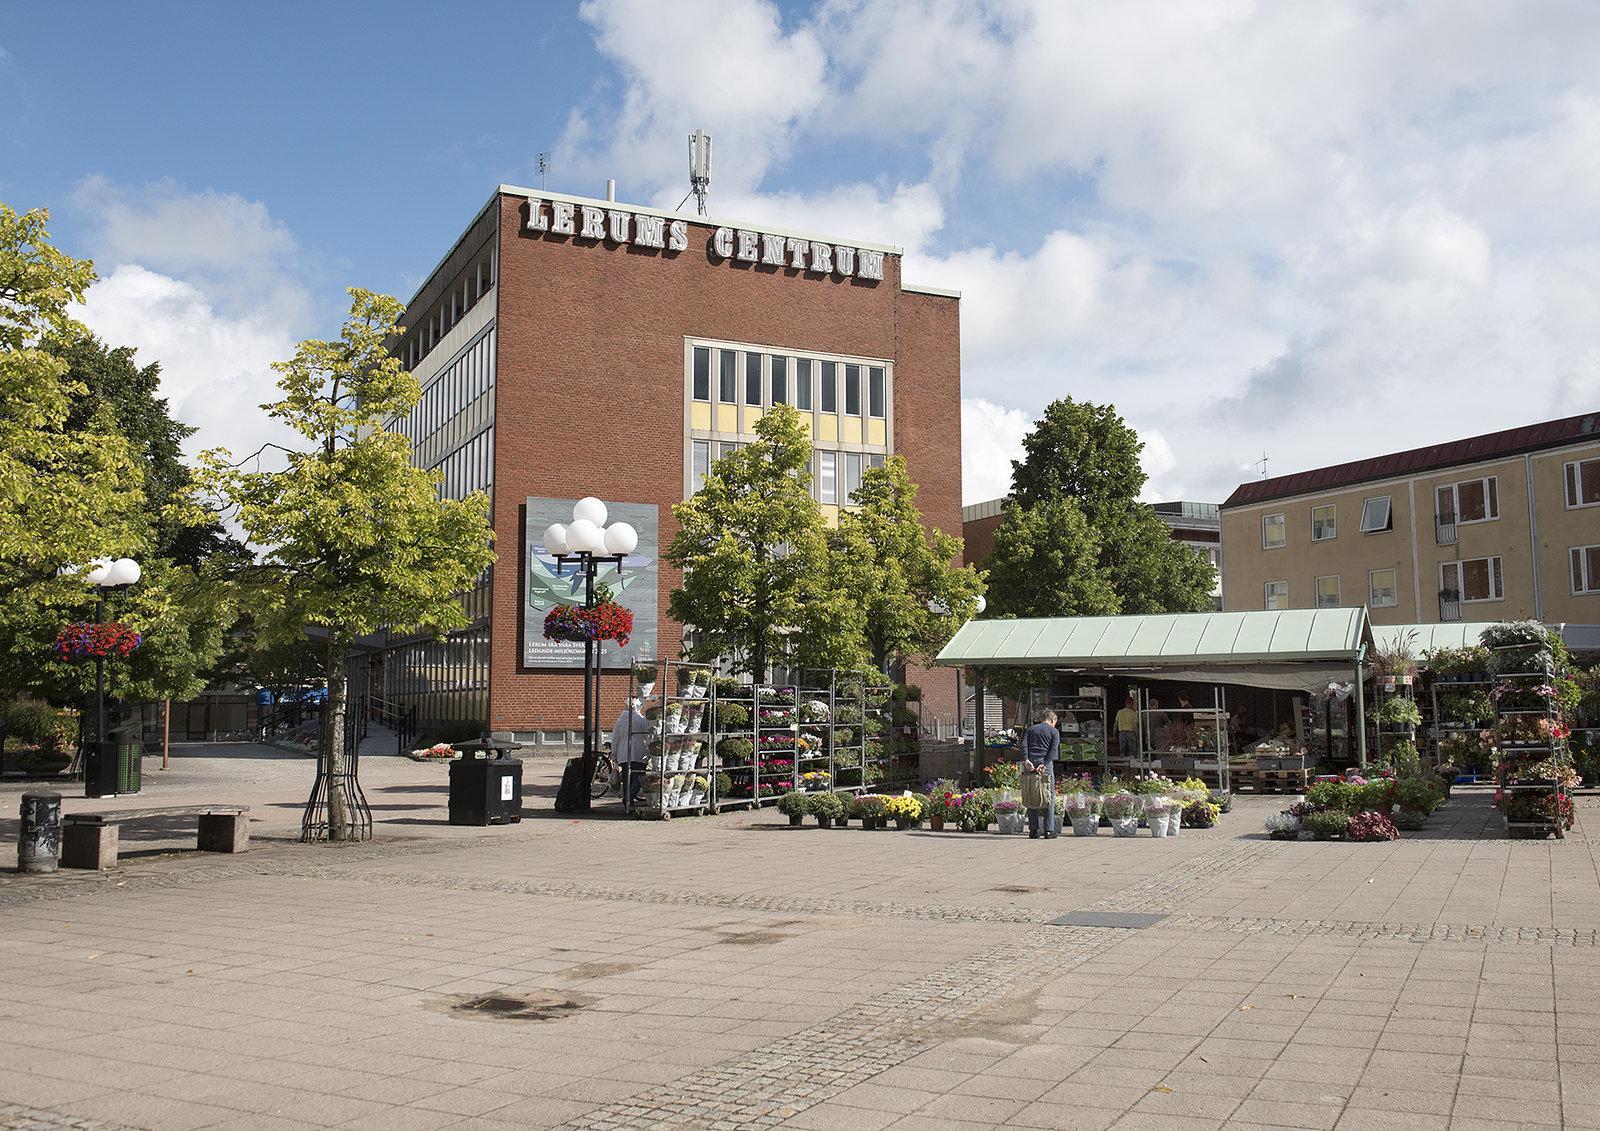 Lerum Sweden